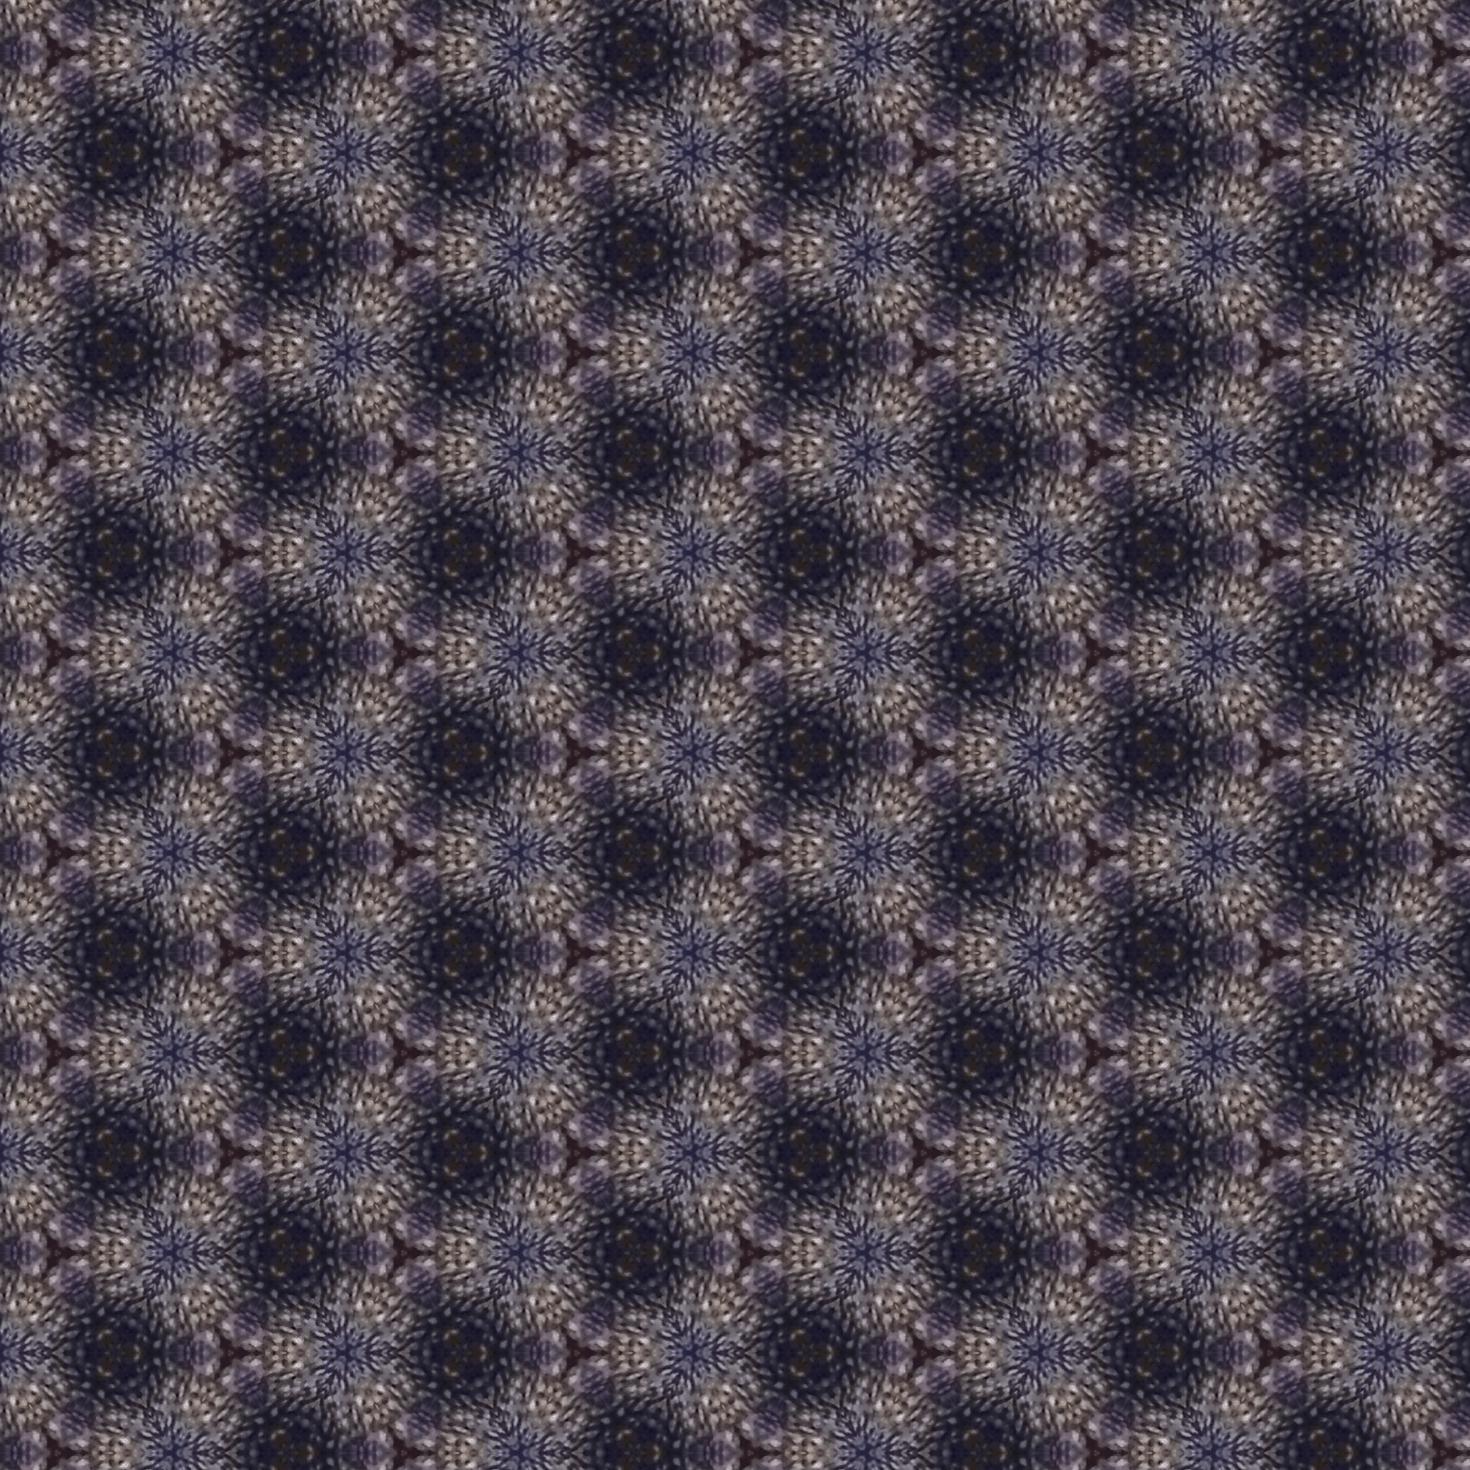 Fabric design _8161_20i